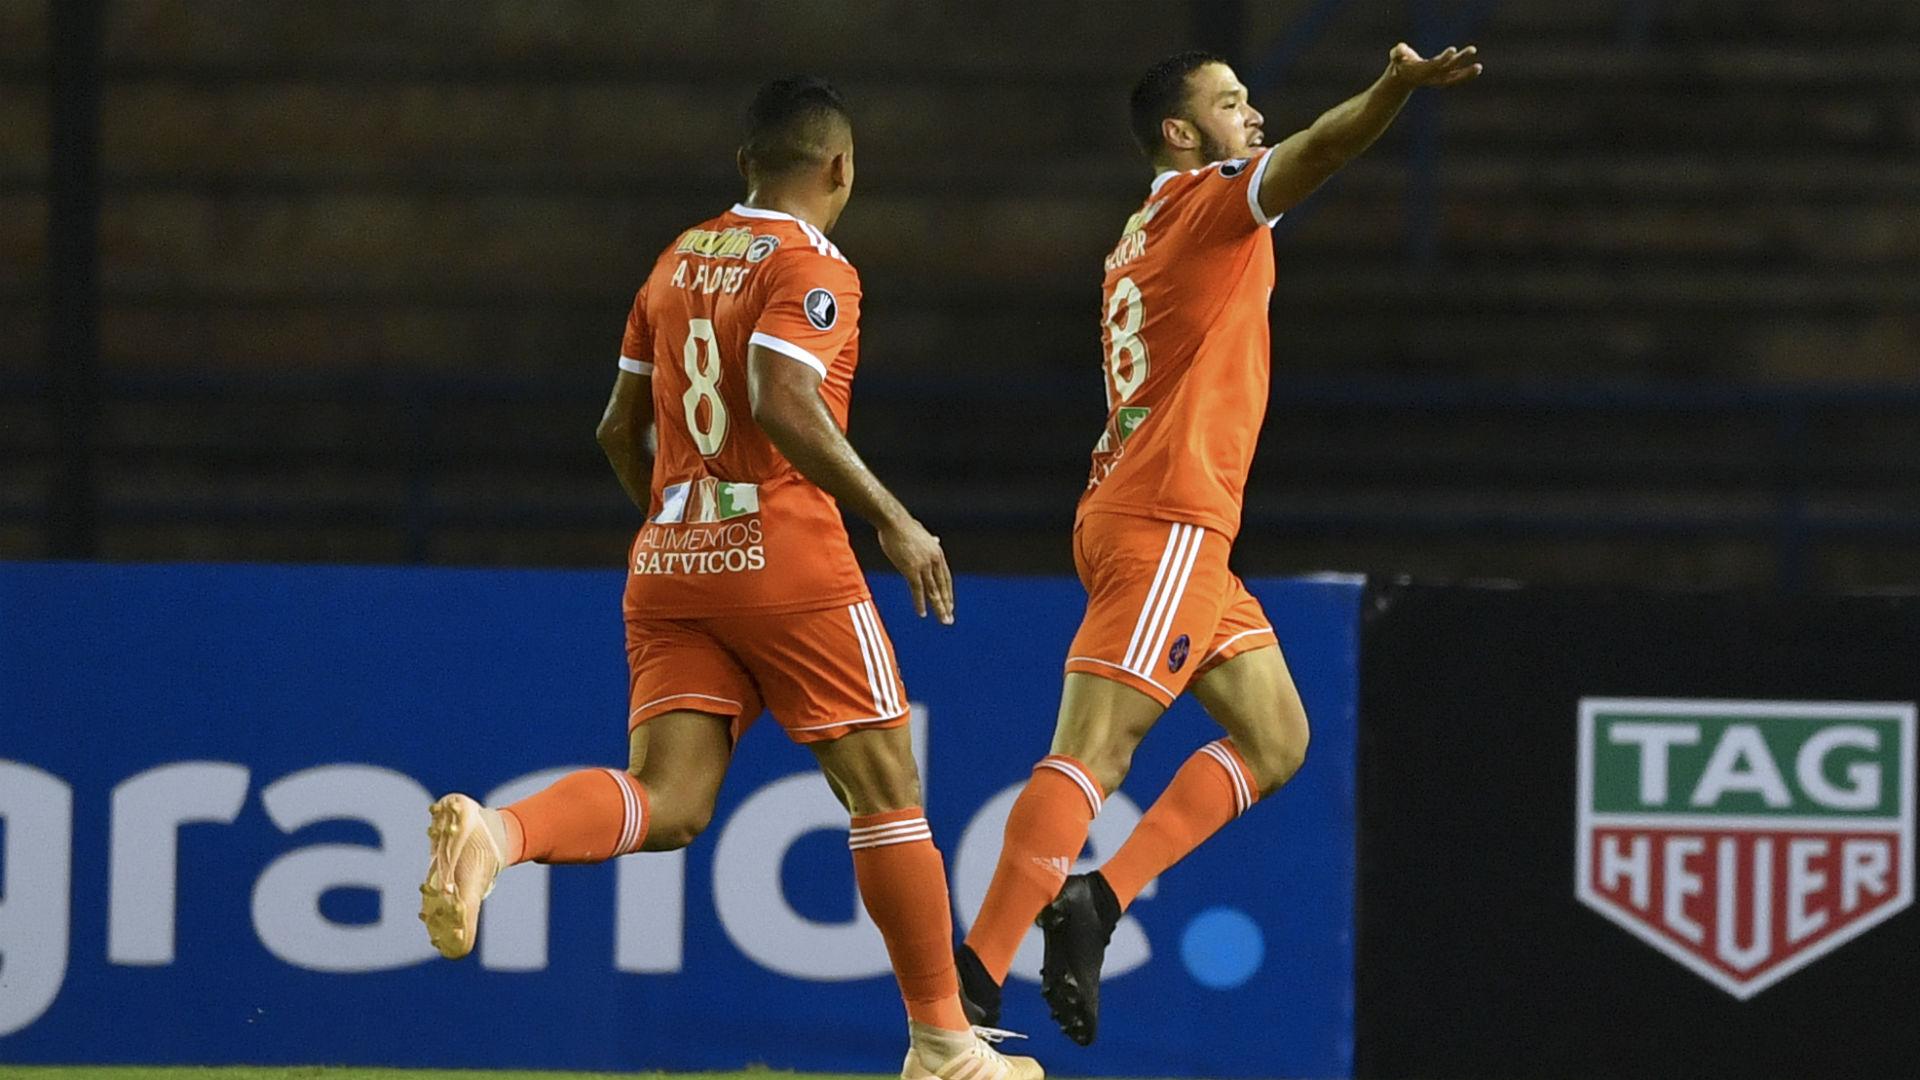 La Guaira Real Garcilaso AFP Copa Libertadores 2019